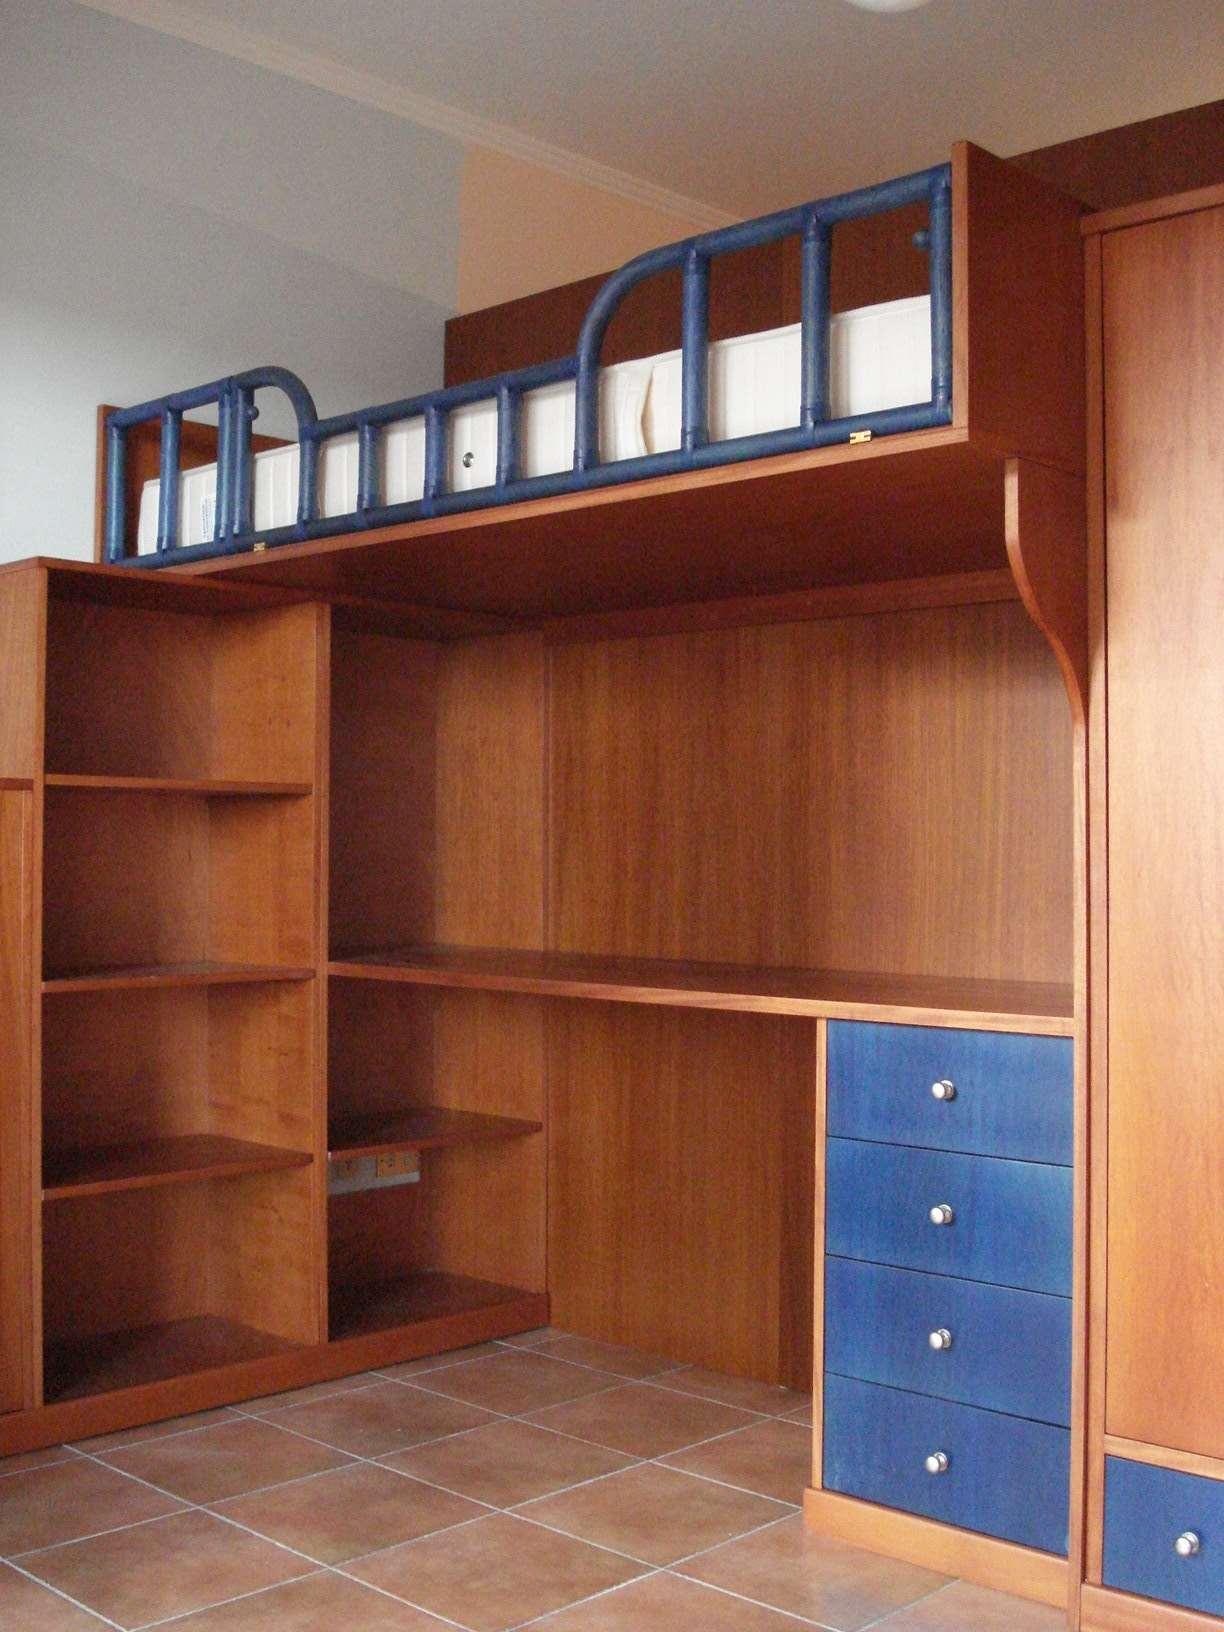 Ikea interni cabine armadio for Letto rialzato ikea